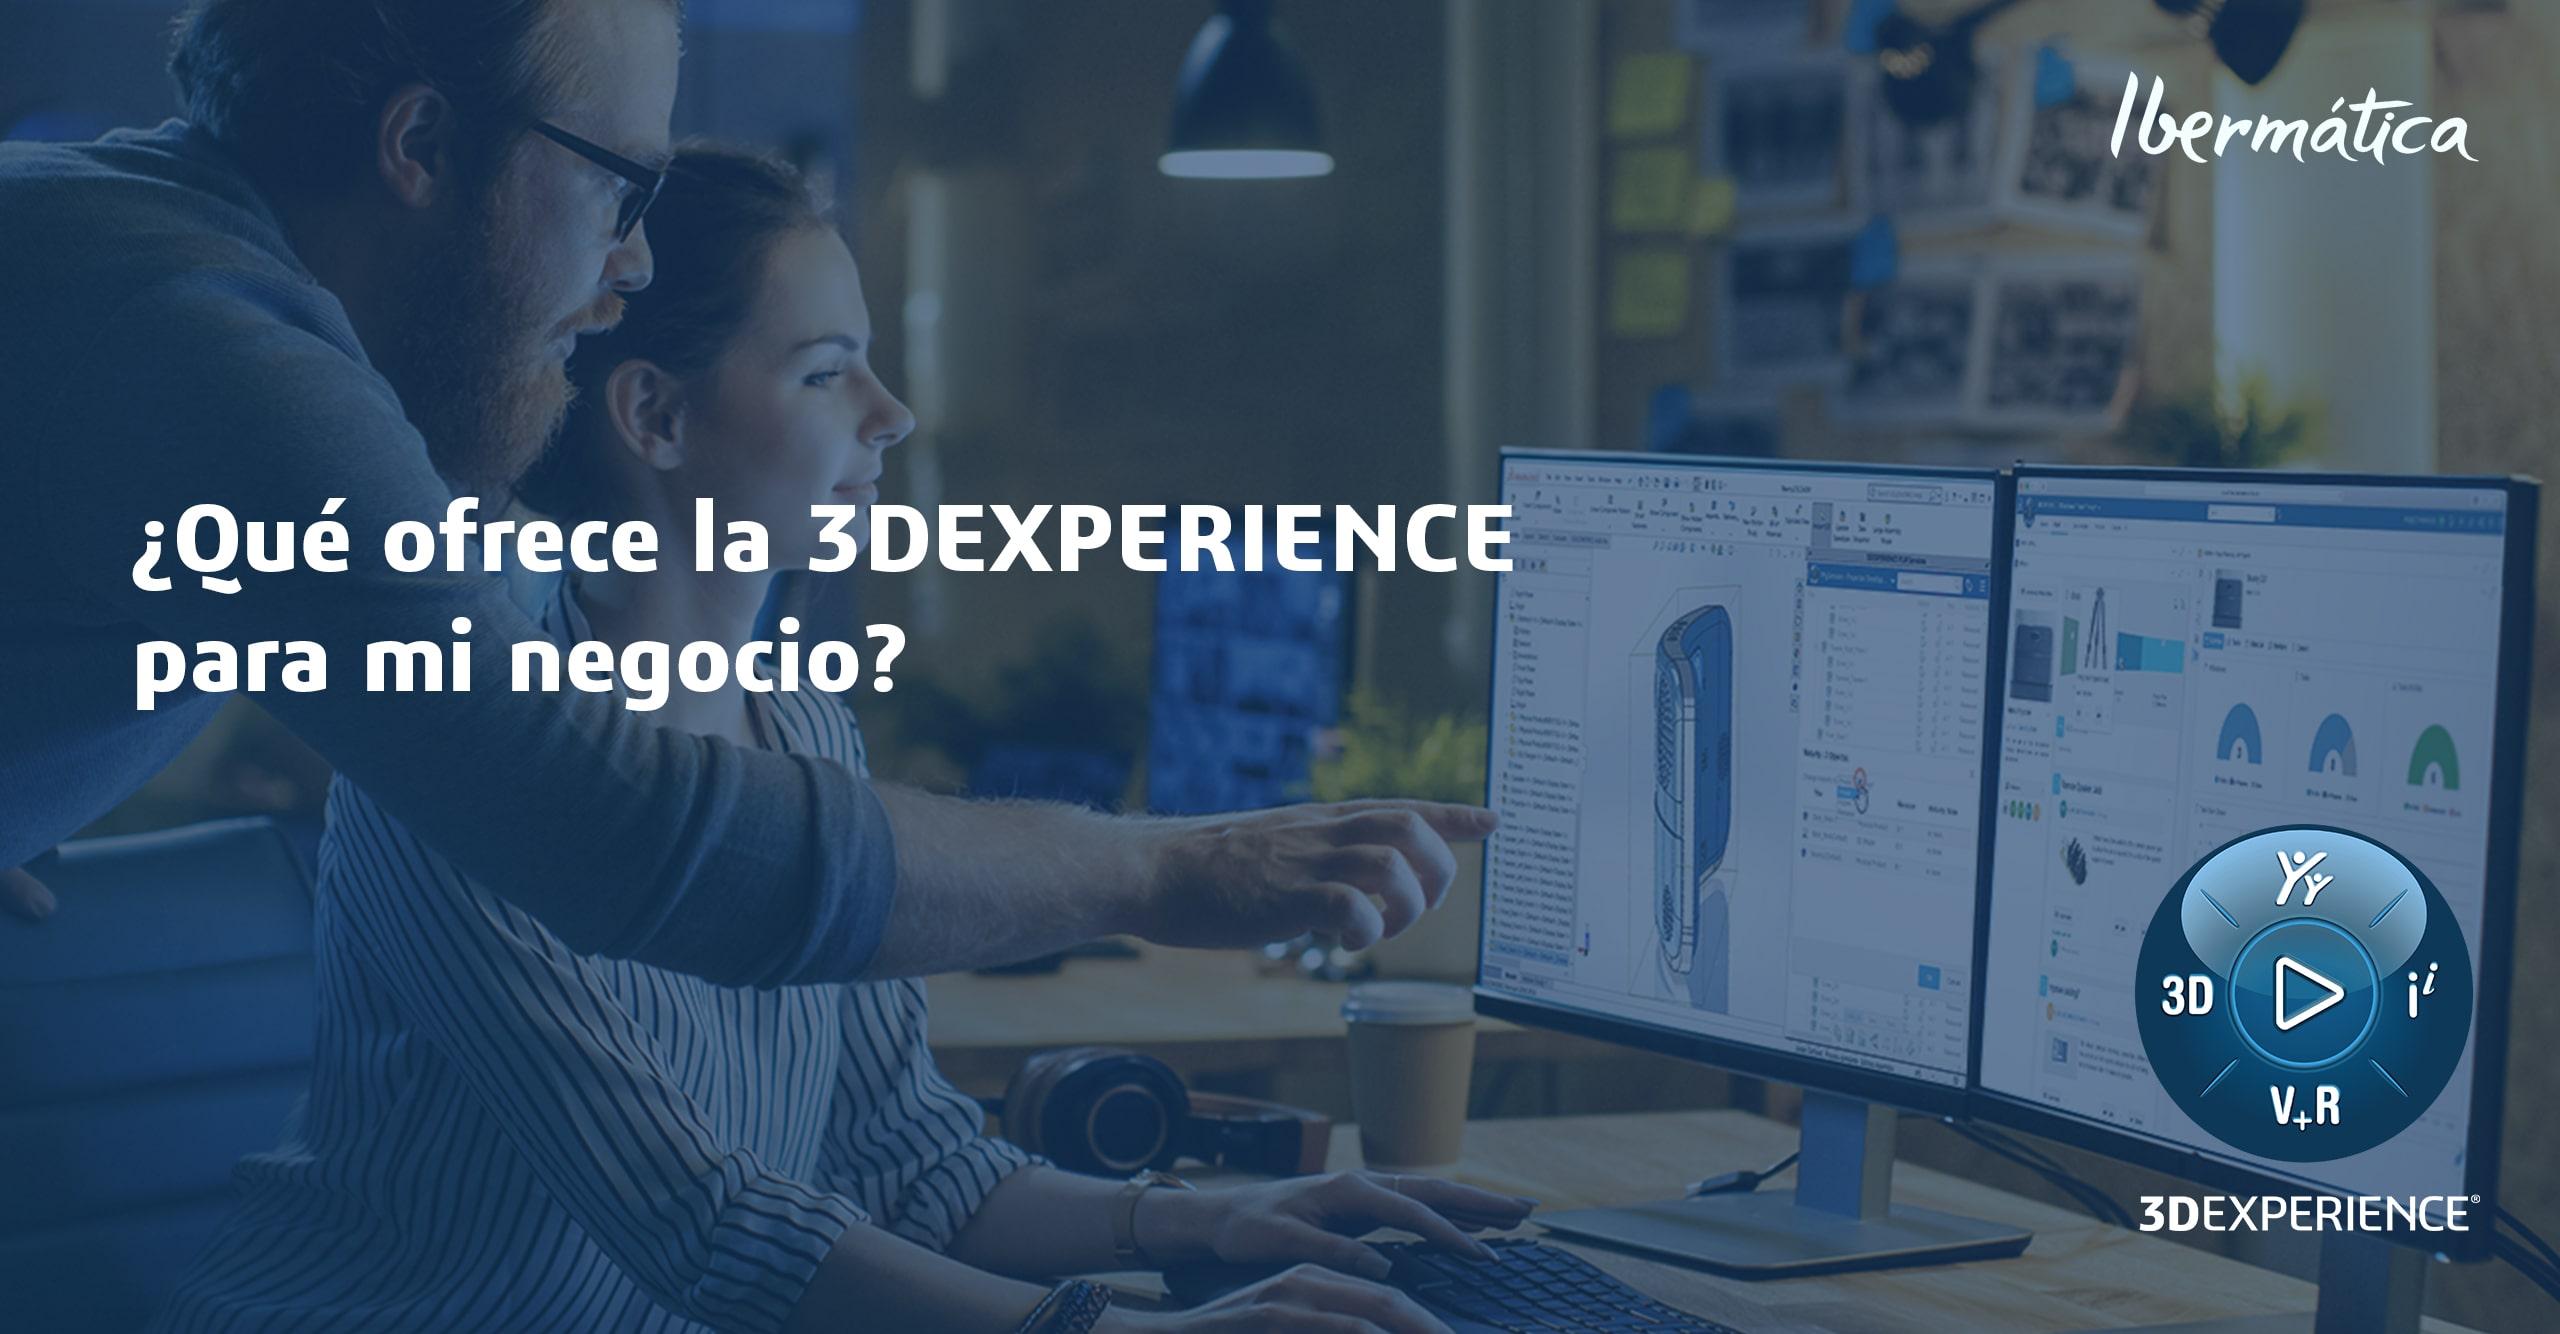 ¿Qué ofrece la 3DEXPERIENCE para mi negocio?